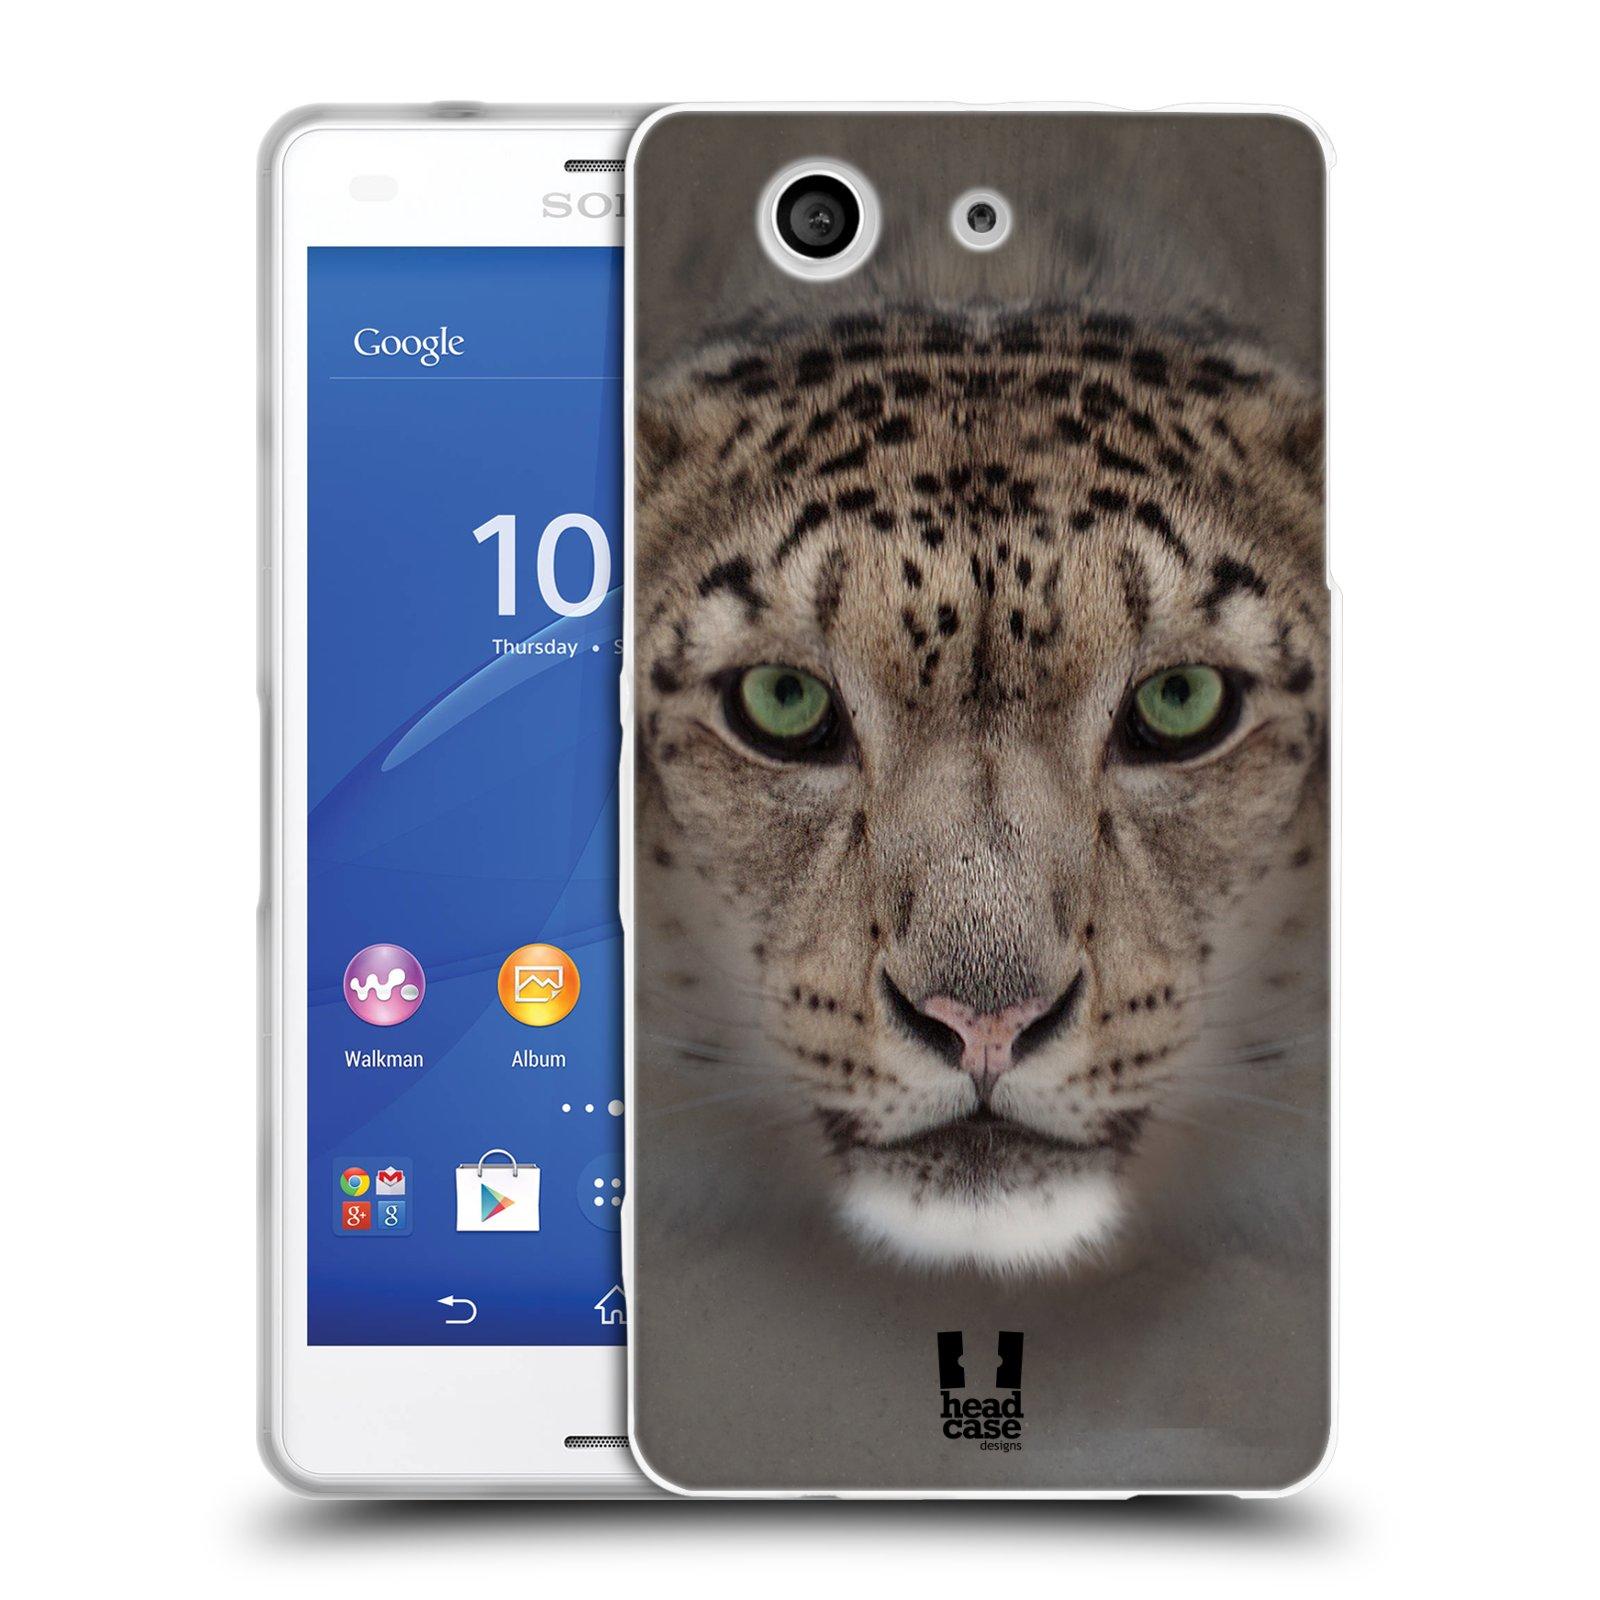 HEAD CASE silikonový obal na mobil Sony Xperia Z3 COMPACT (D5803) vzor Zvířecí tváře 2 sněžný leopard